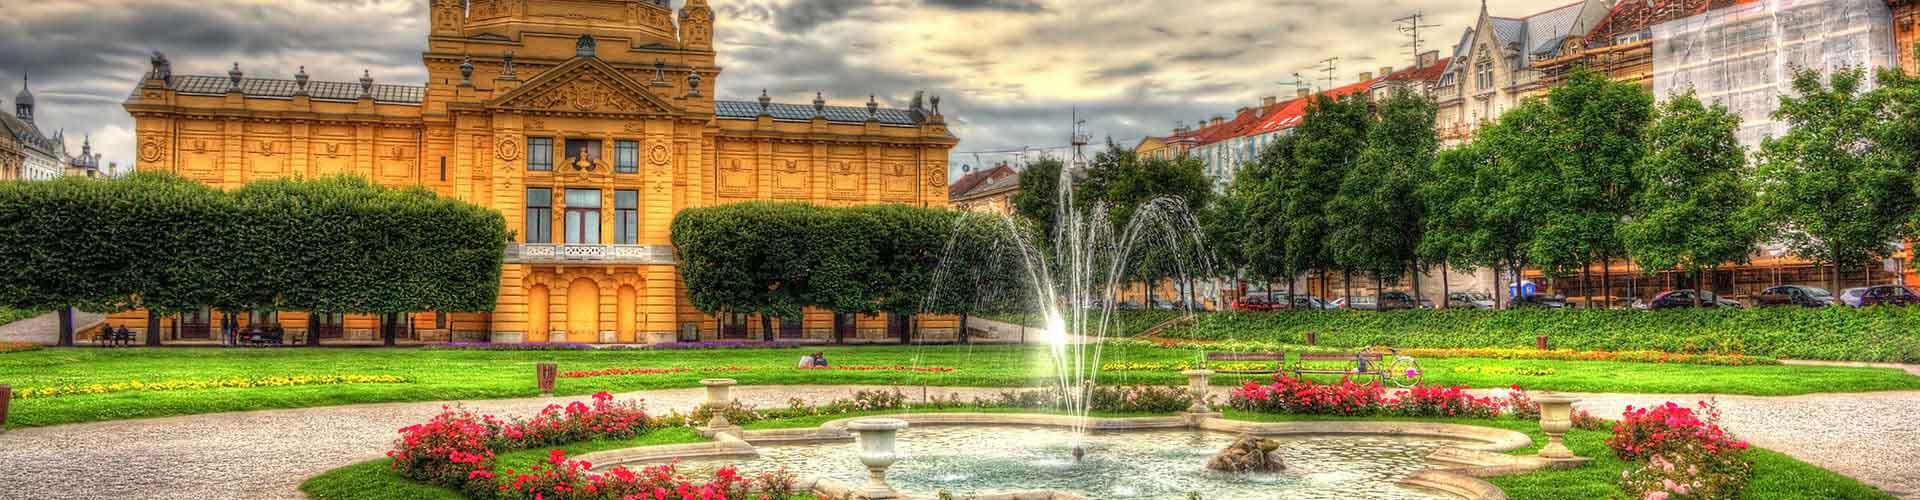 Zagreb - Habitaciones en Zagreb. Mapas de Zagreb, Fotos y comentarios de cada Habitación en Zagreb.